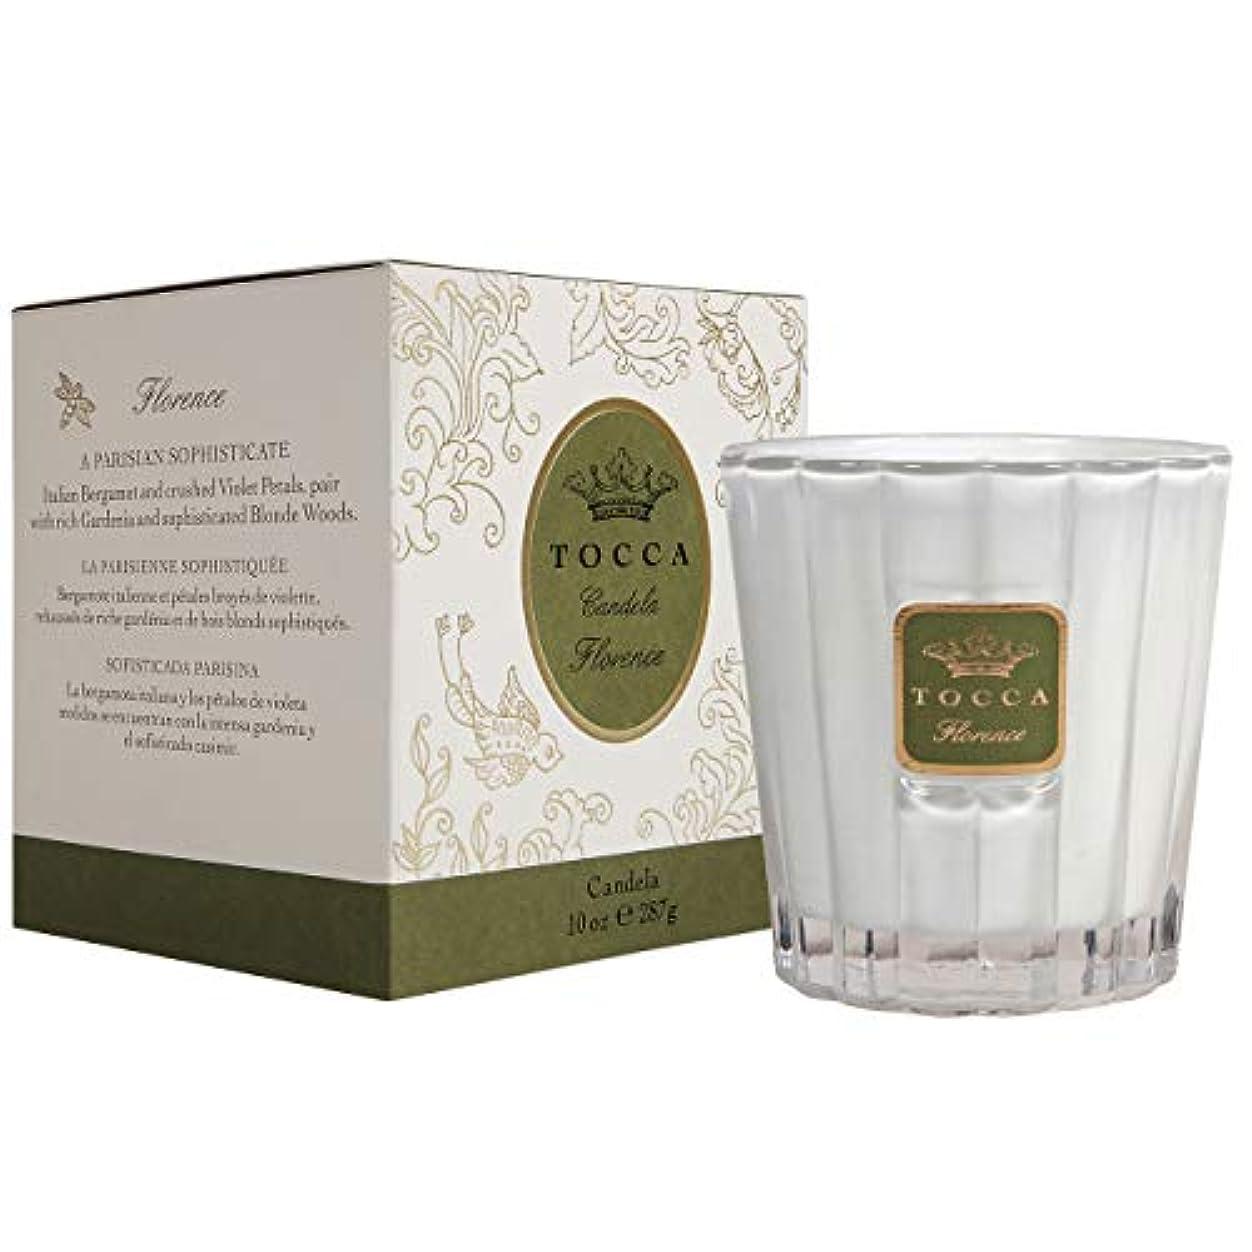 お茶曖昧な不良トッカ(TOCCA) キャンドル フローレンスの香り 約287g (ろうそく 上品なフローラルの香り)